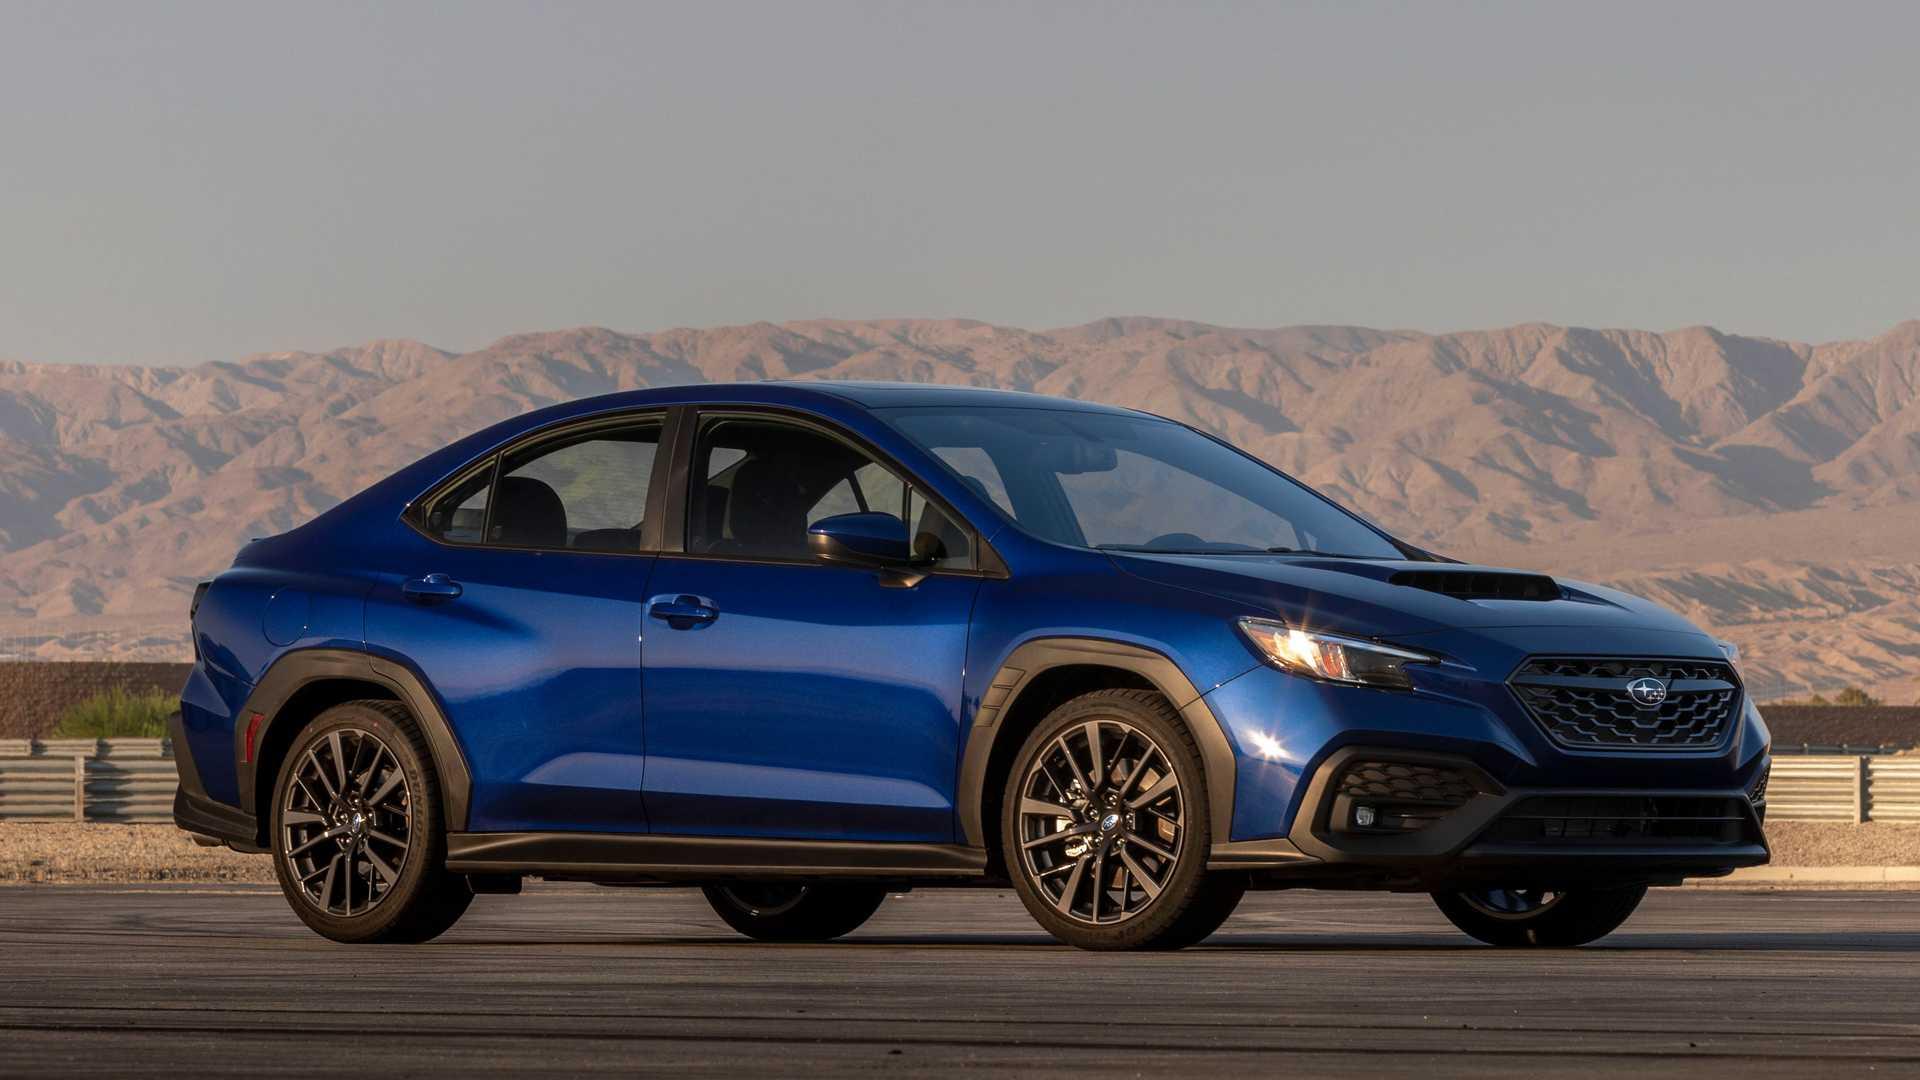 Ngoại thất của mẫu WRX thế hệ mới với ốp đen bao quanh thân xe và lốp xe. Ảnh: Subaru